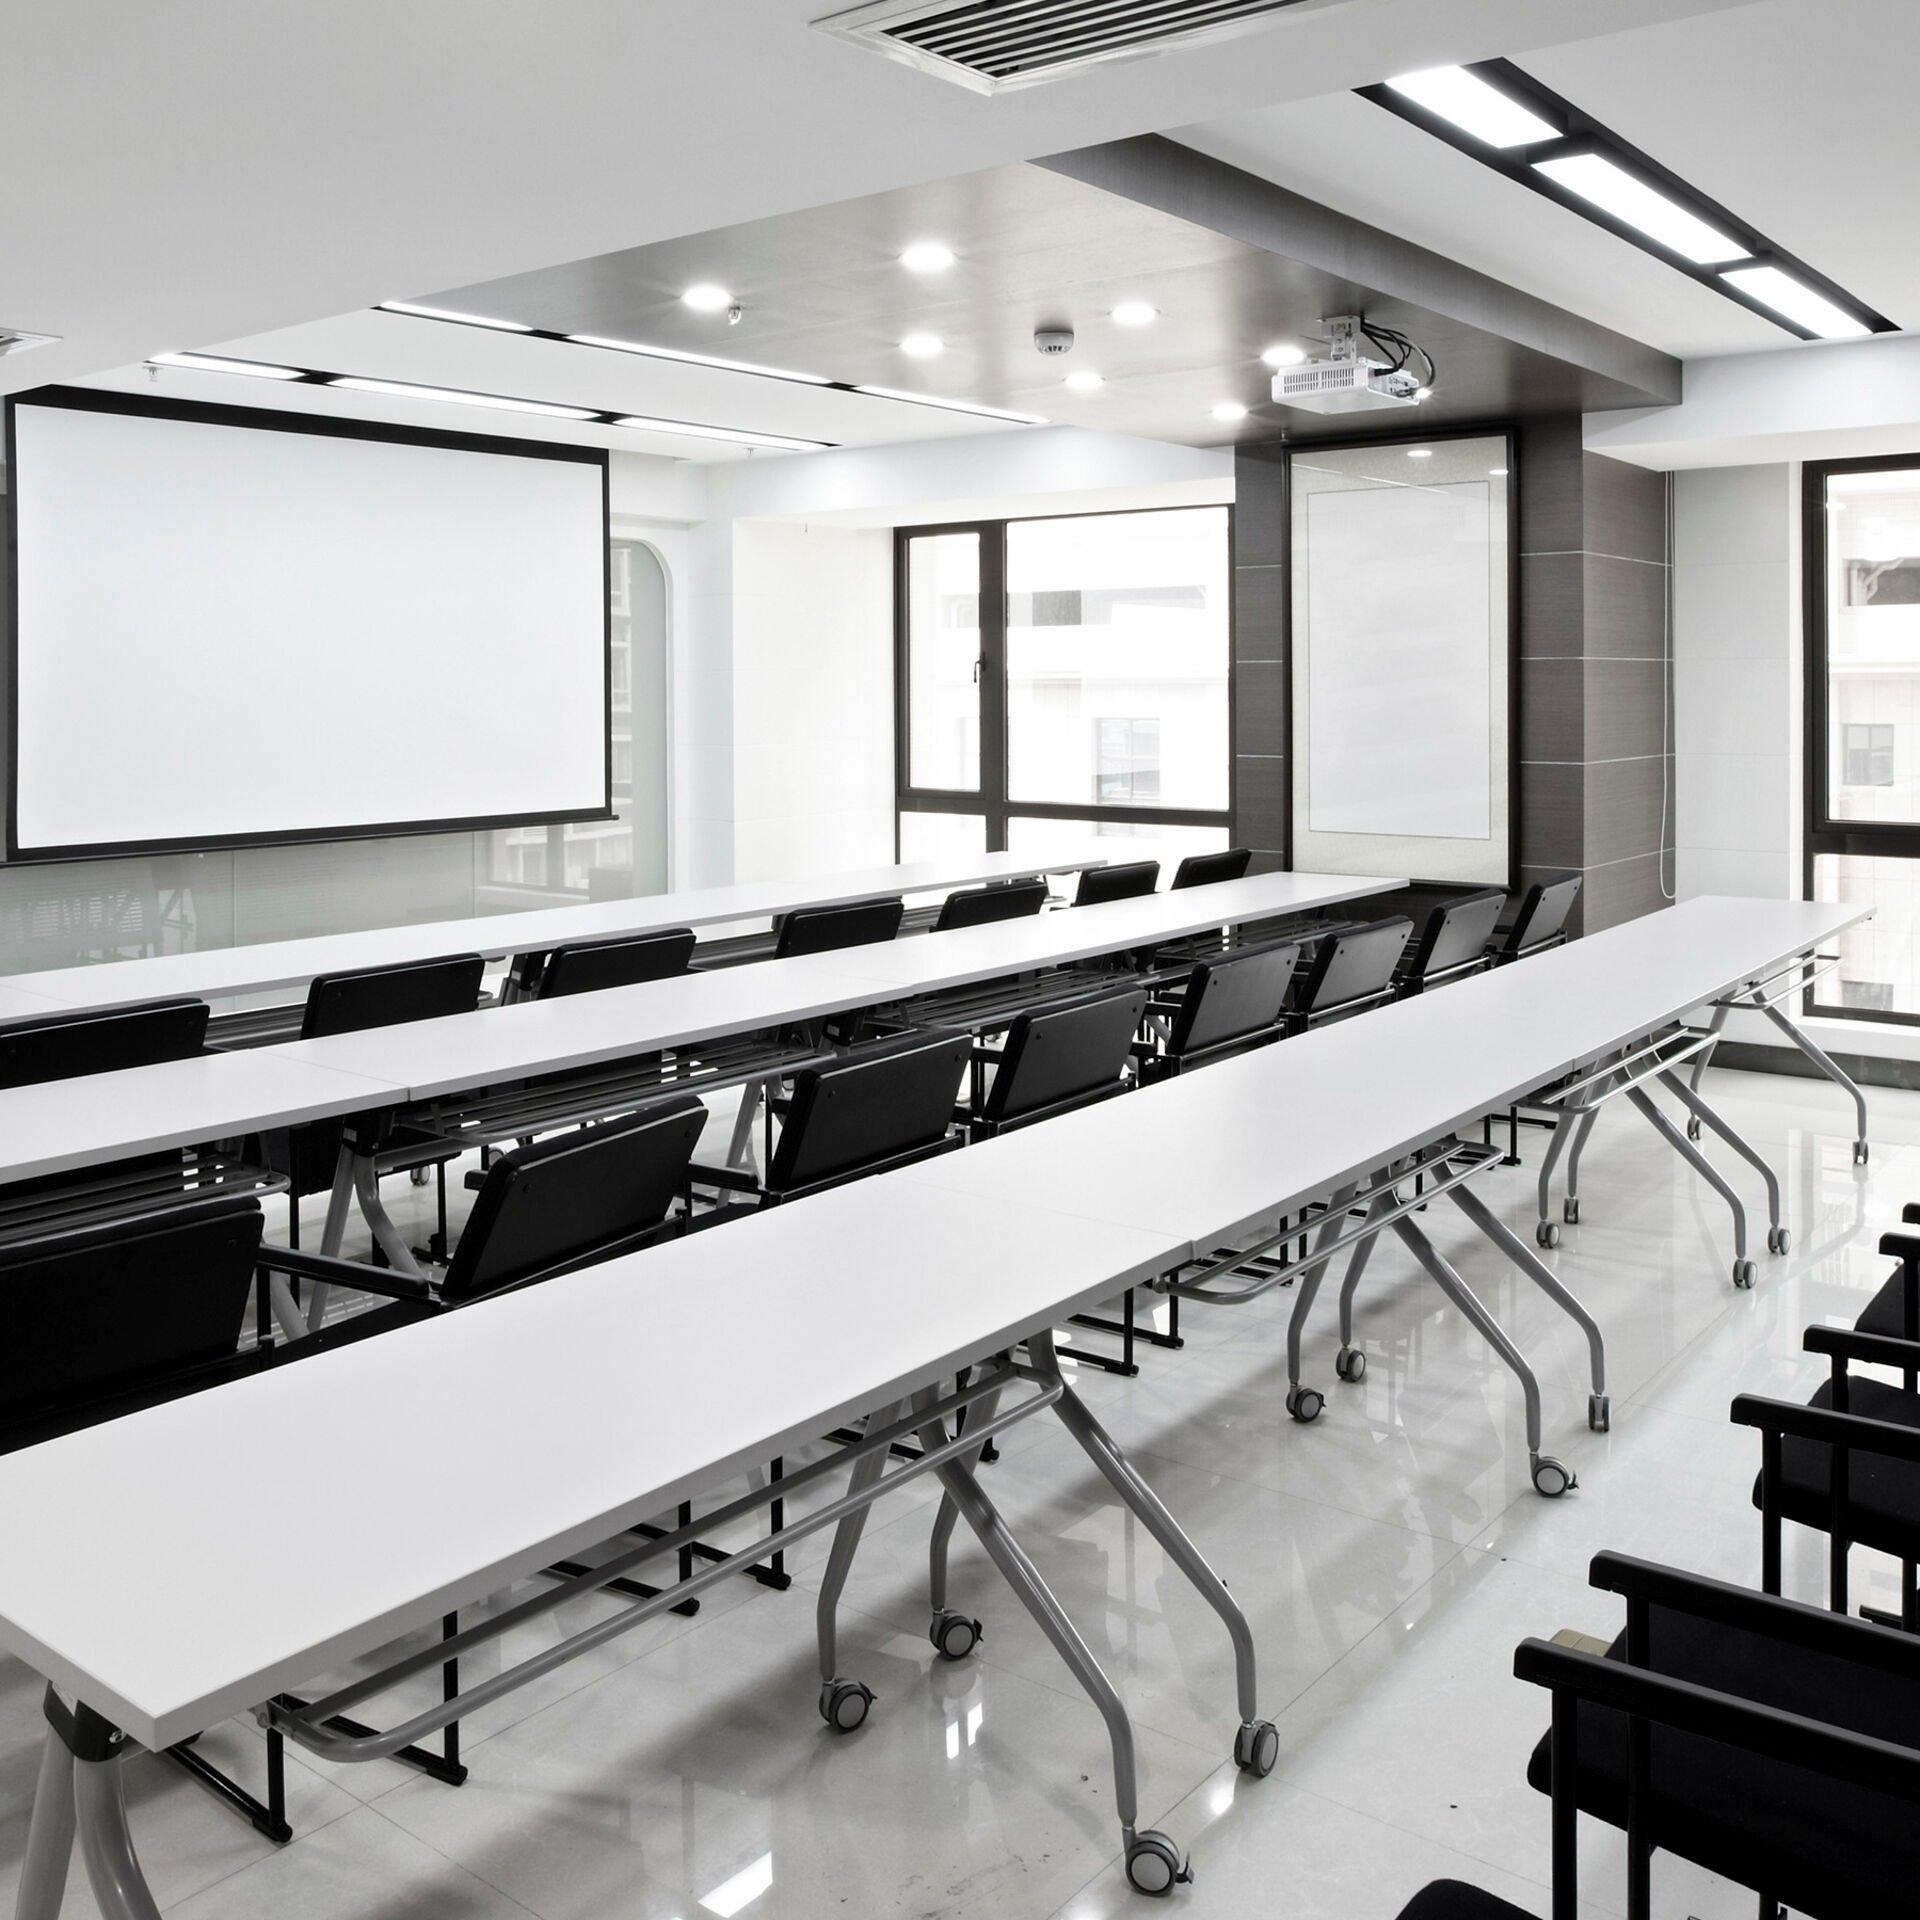 Seminarraum (Foto: Shure)